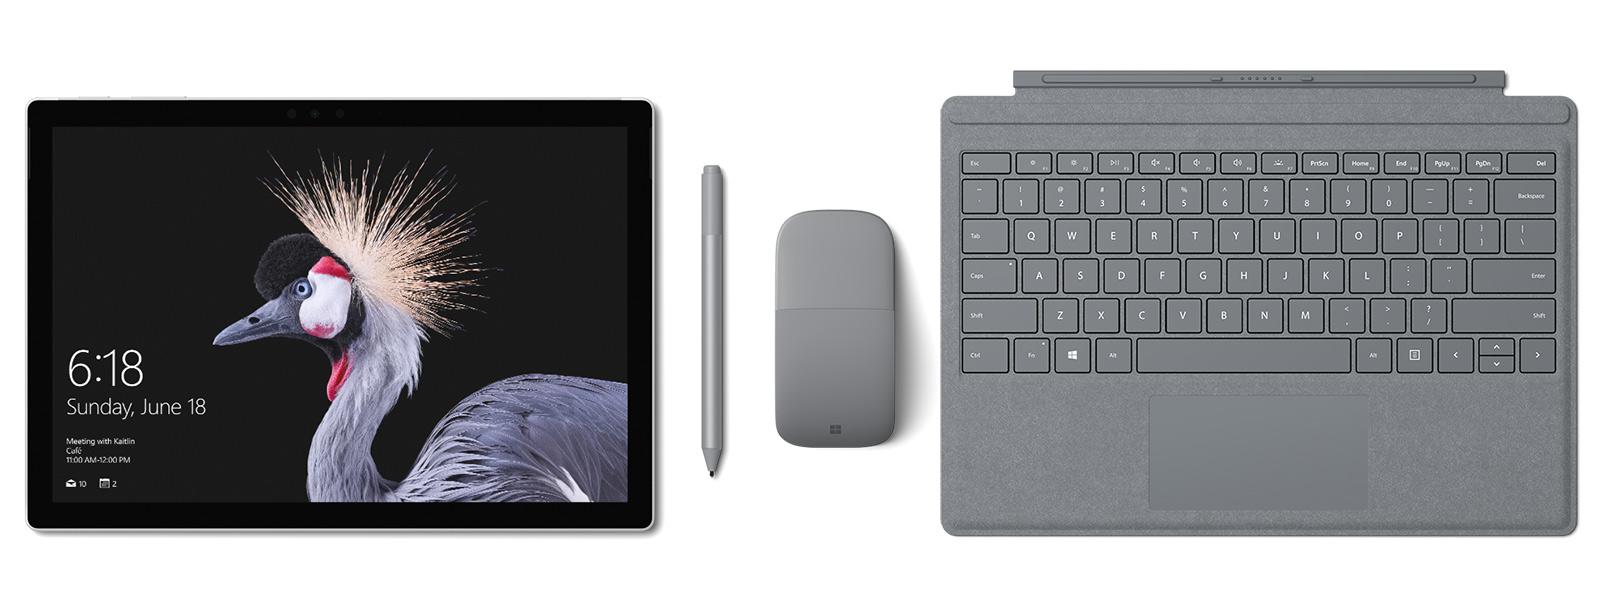 Image de Surface Pro avec clavier Signature Type Cover pour Surface Pro, stylet Surface et souris Surface Arc Mouse en platine. Accessoires de stylet Surface.